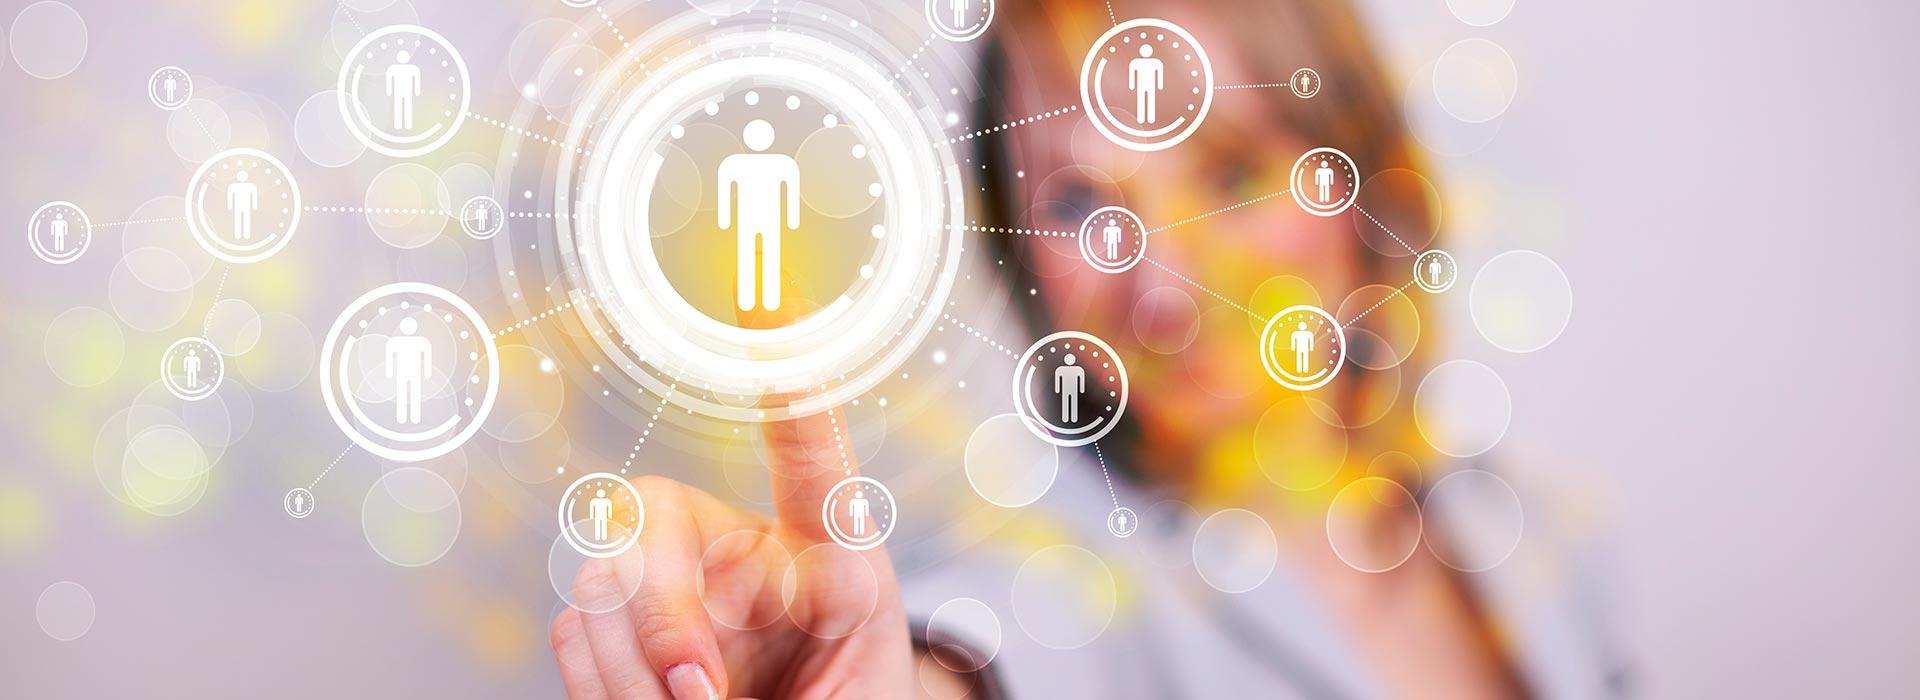 Artículos y noticias de actualidad sobre recursos humanos en la empresa, cómo optimizar la selección, contratación, formación y retención de los empleados